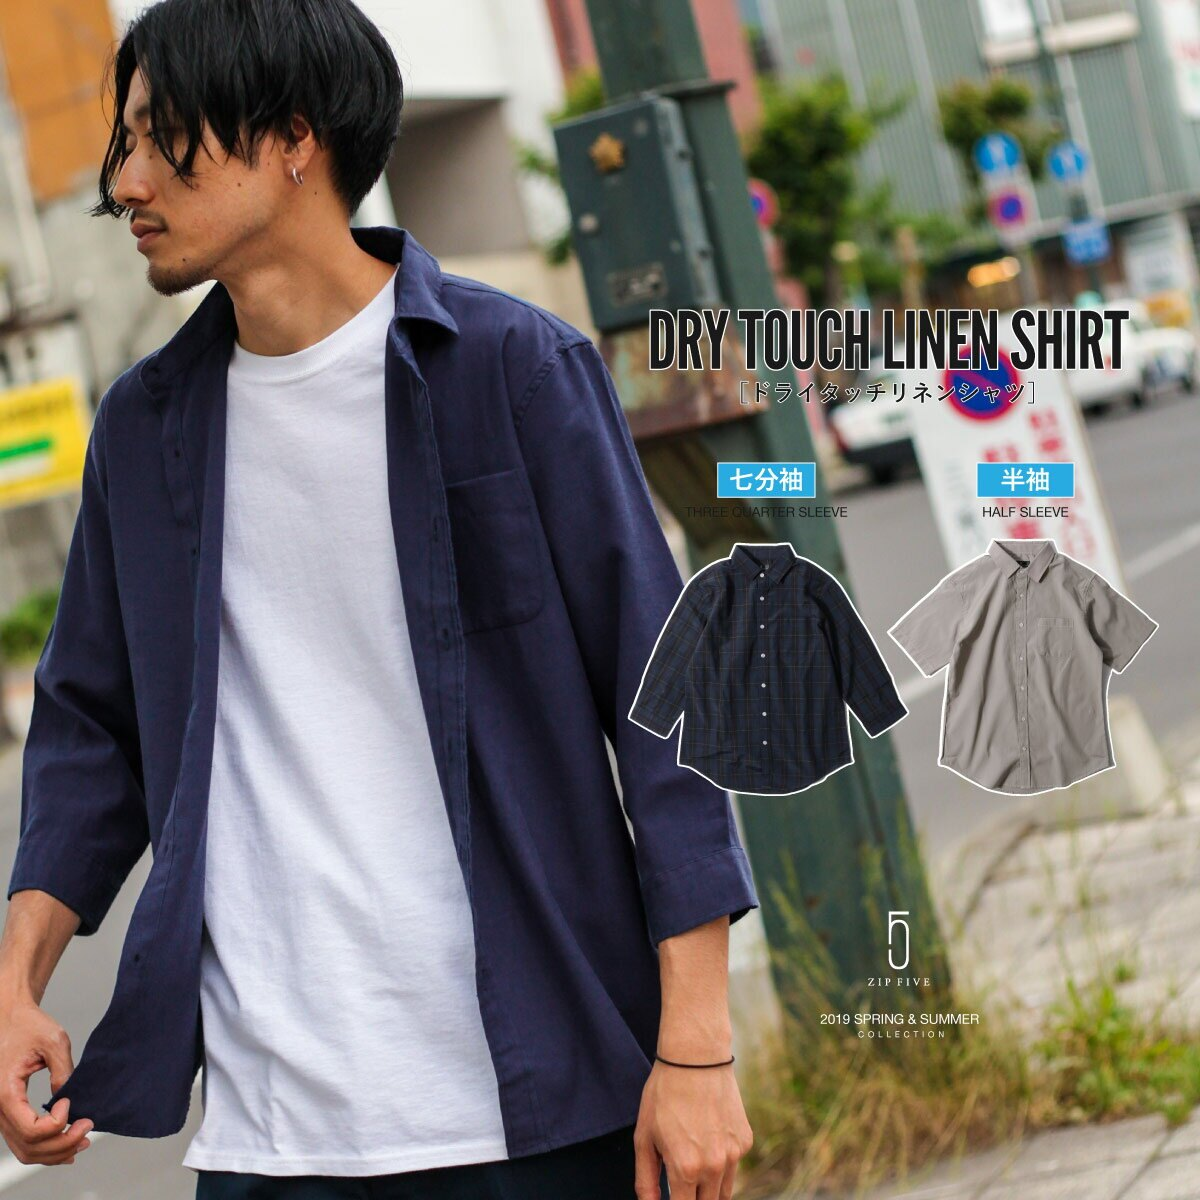 【現貨】 標準領短袖襯衫 休閒衫 0